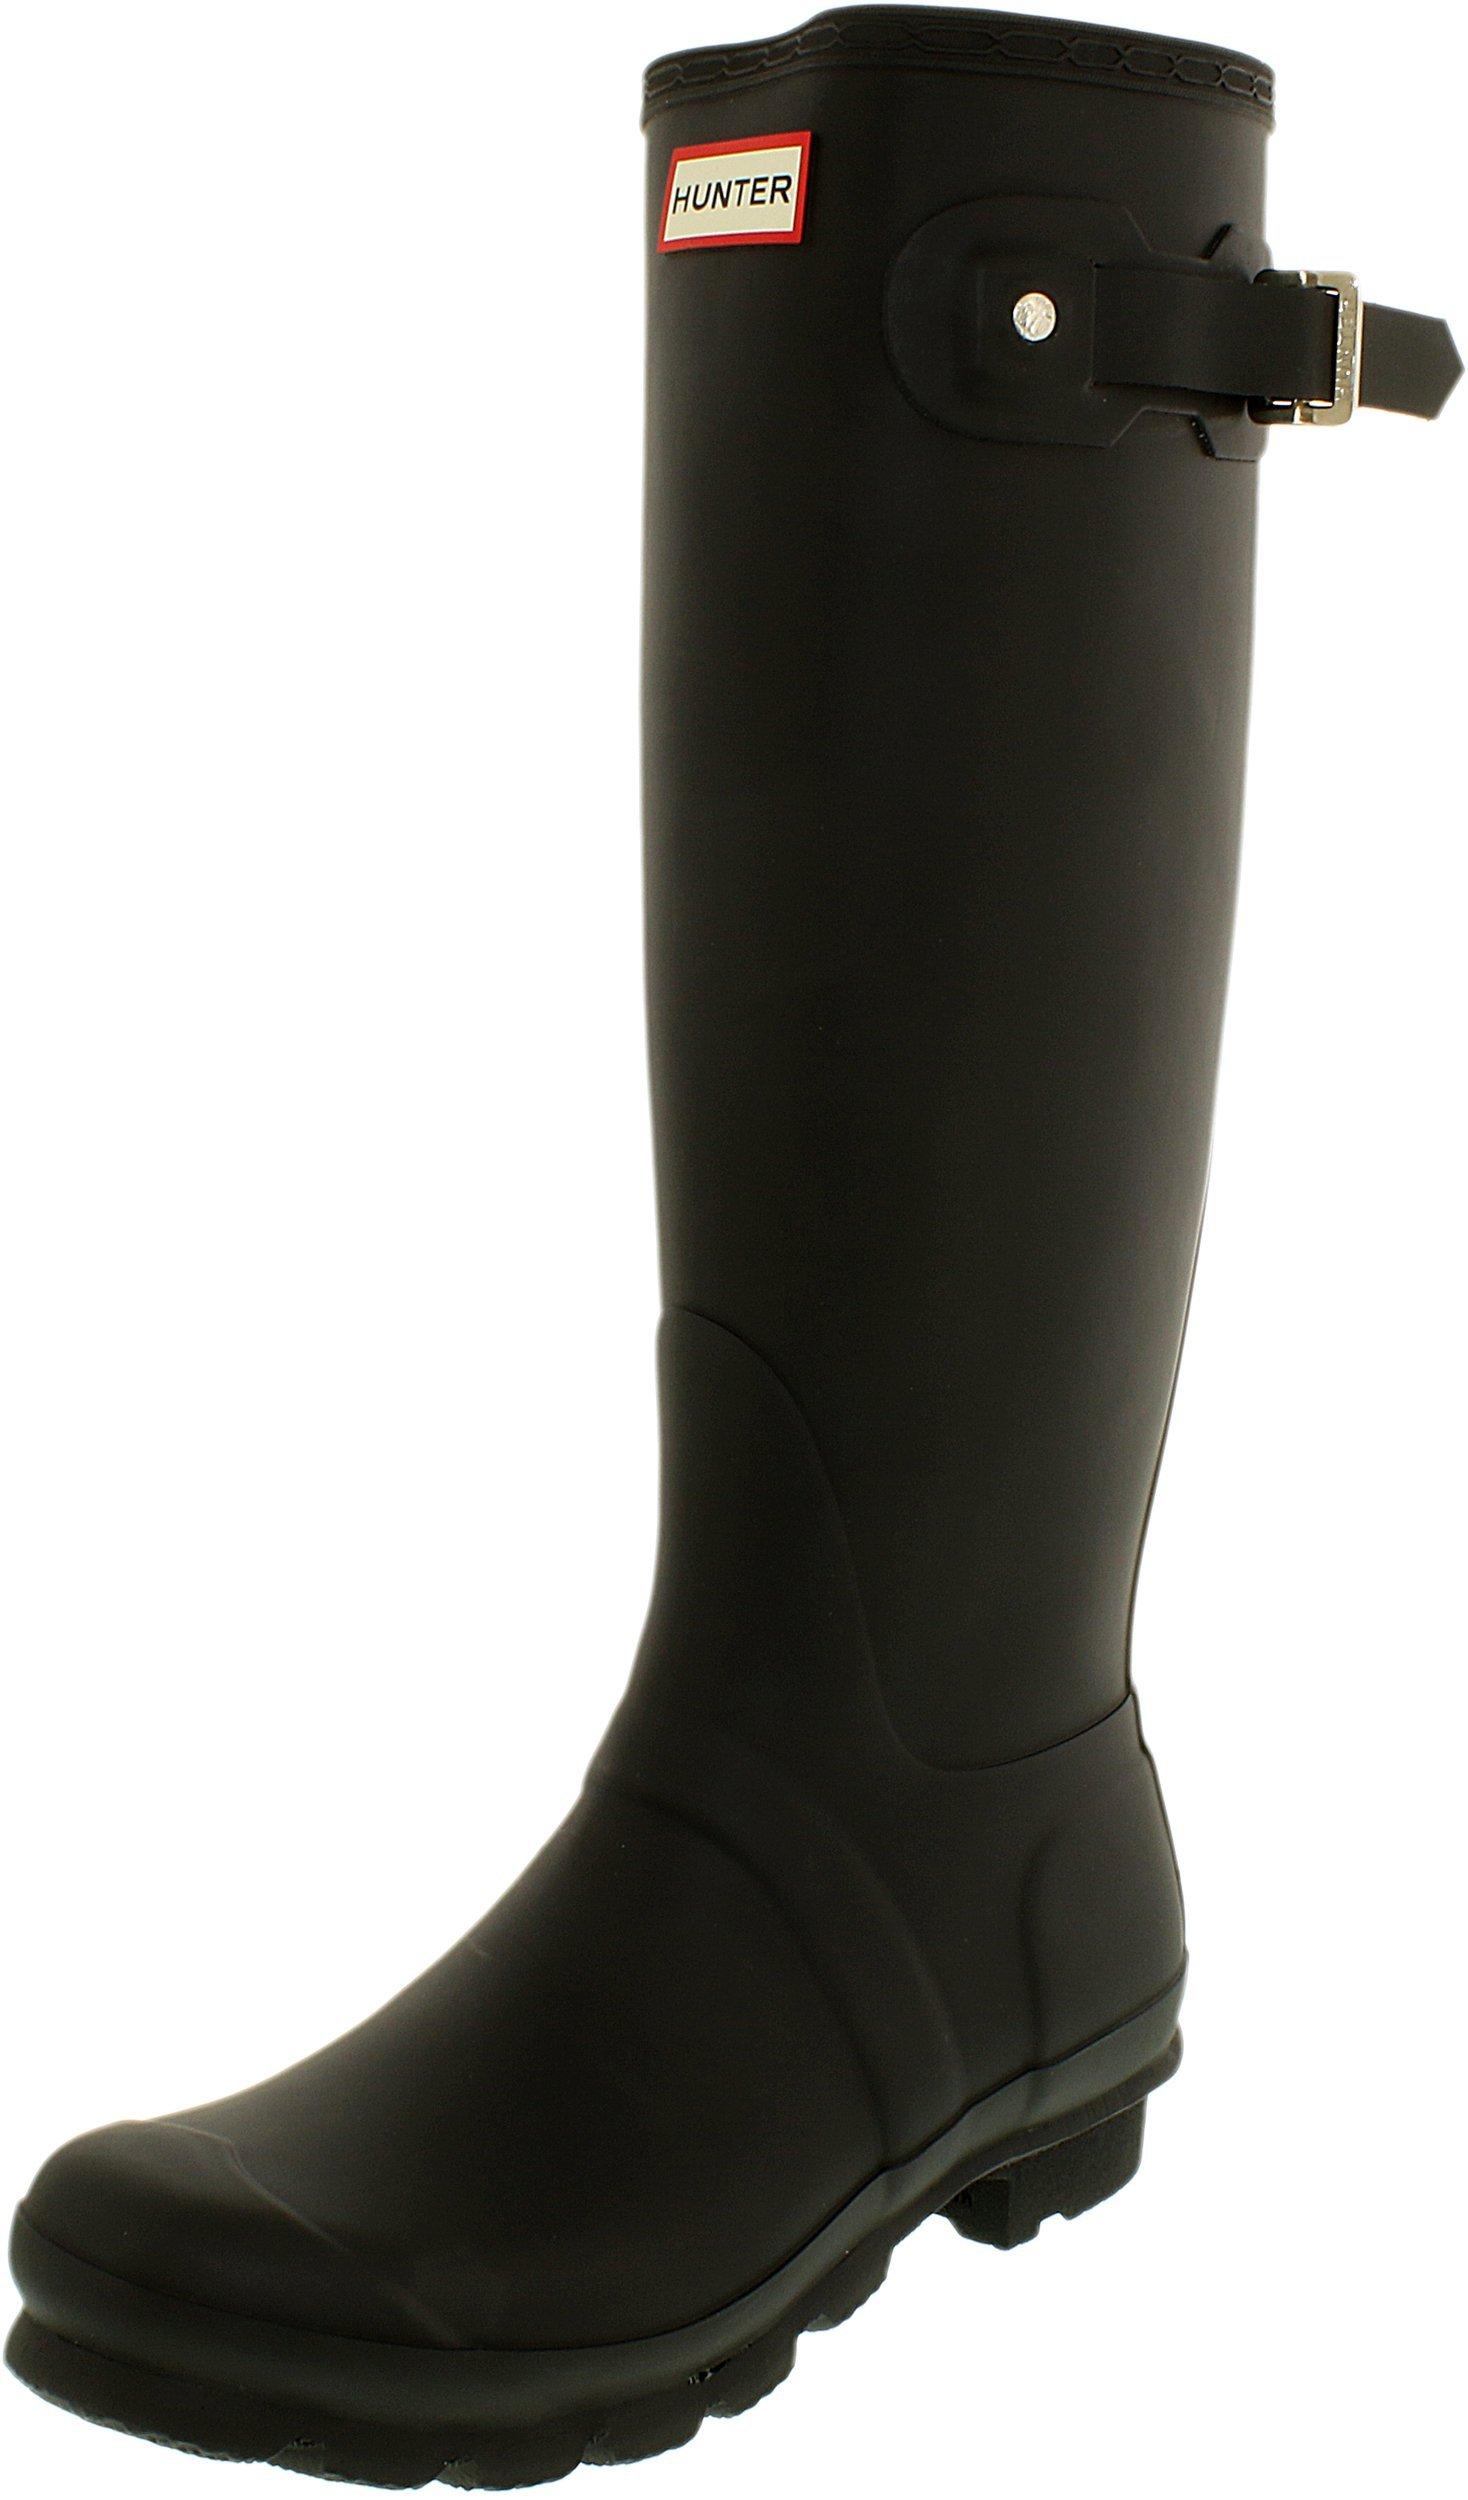 Hunter Women's Original Tall Wellington Boots, Black - 10 B(M) US